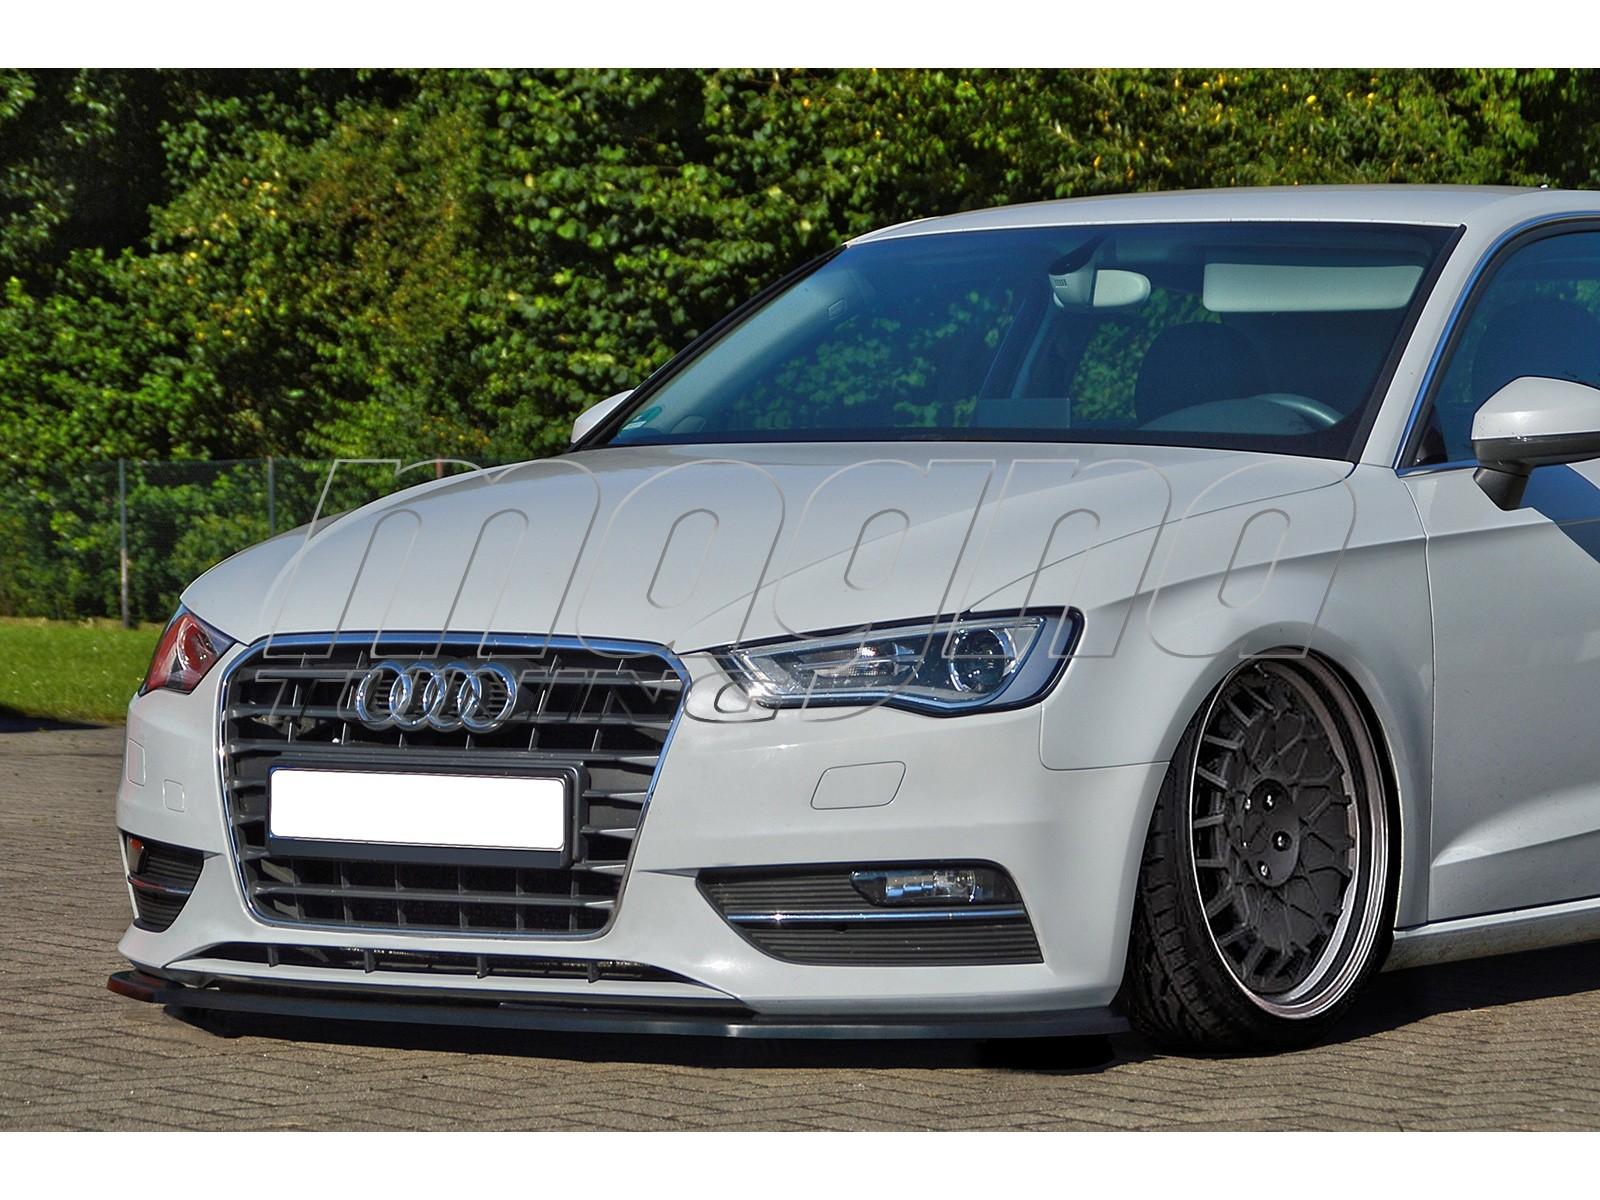 Car Dealerships In Fresno Ca >> Audi A3 Front license plate Holder